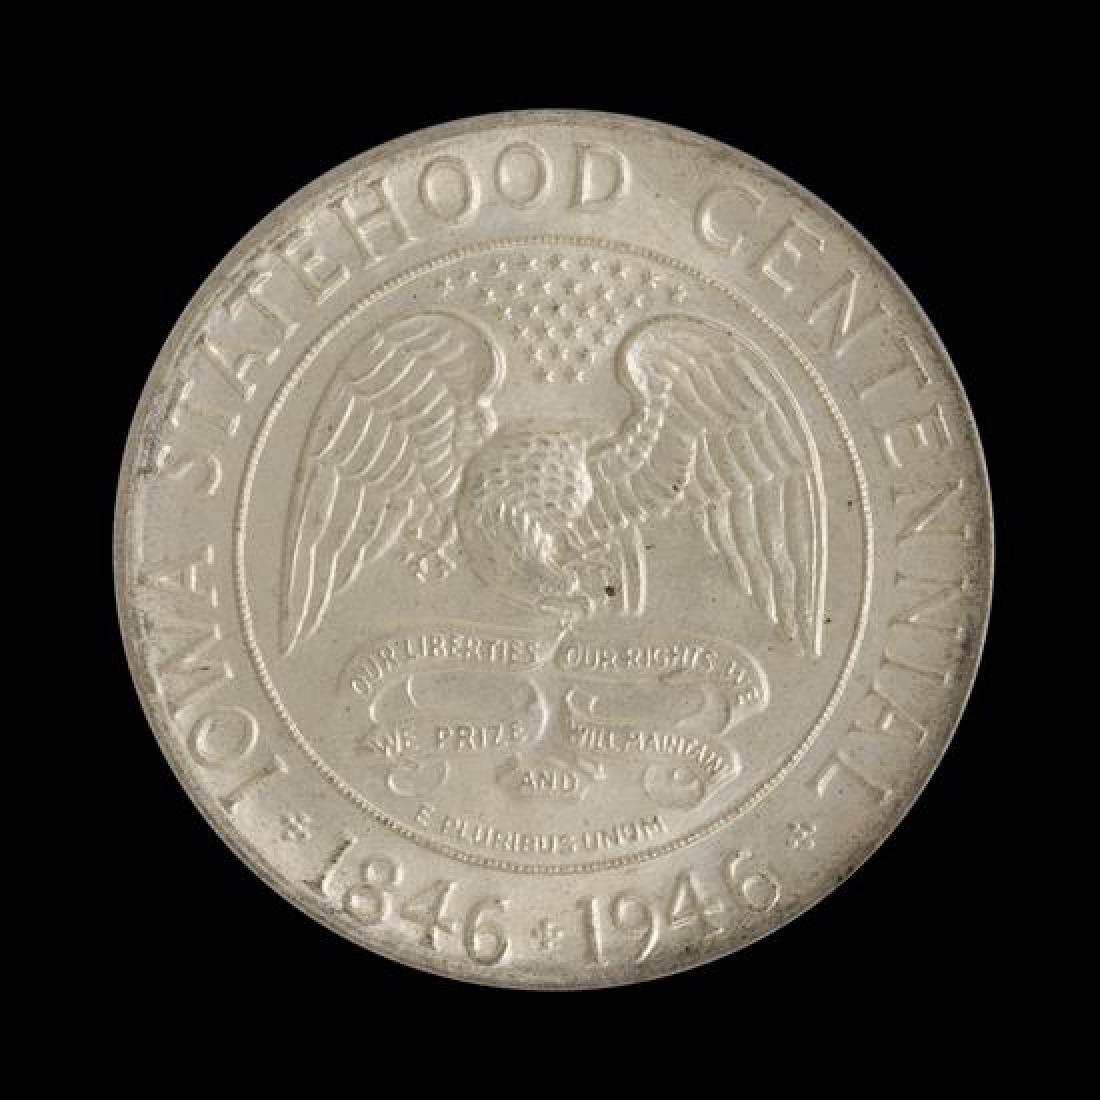 A United States 1946 Iowa Commemorative 50c Coin